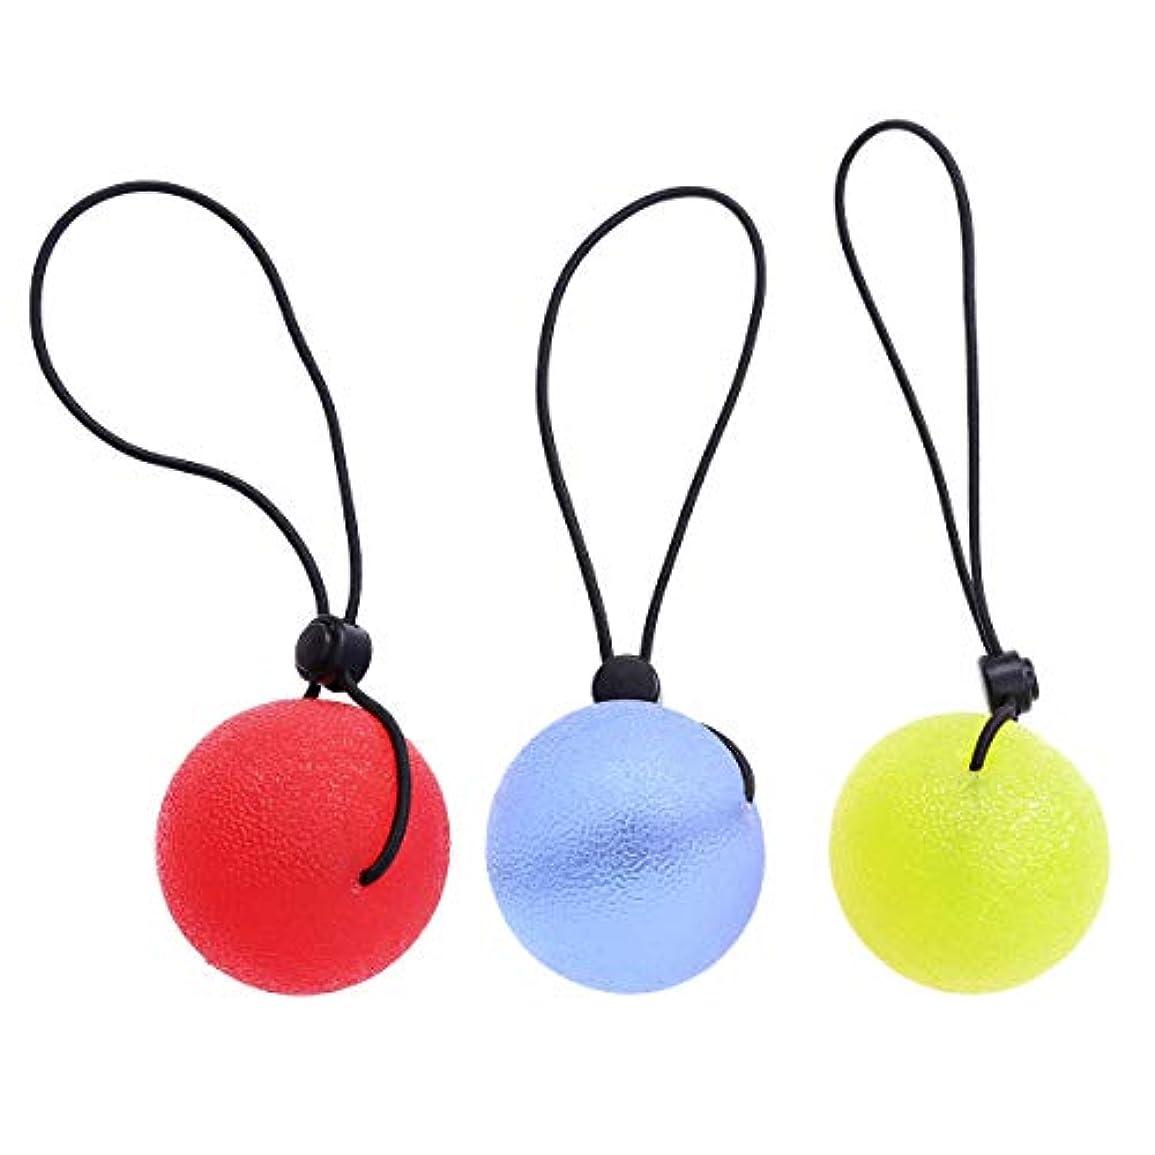 ブレーキ商品ペインギリックSUPVOX 3個シリコーングリップボールハンドエクササイズボールハンドセラピー強化剤トレーナー